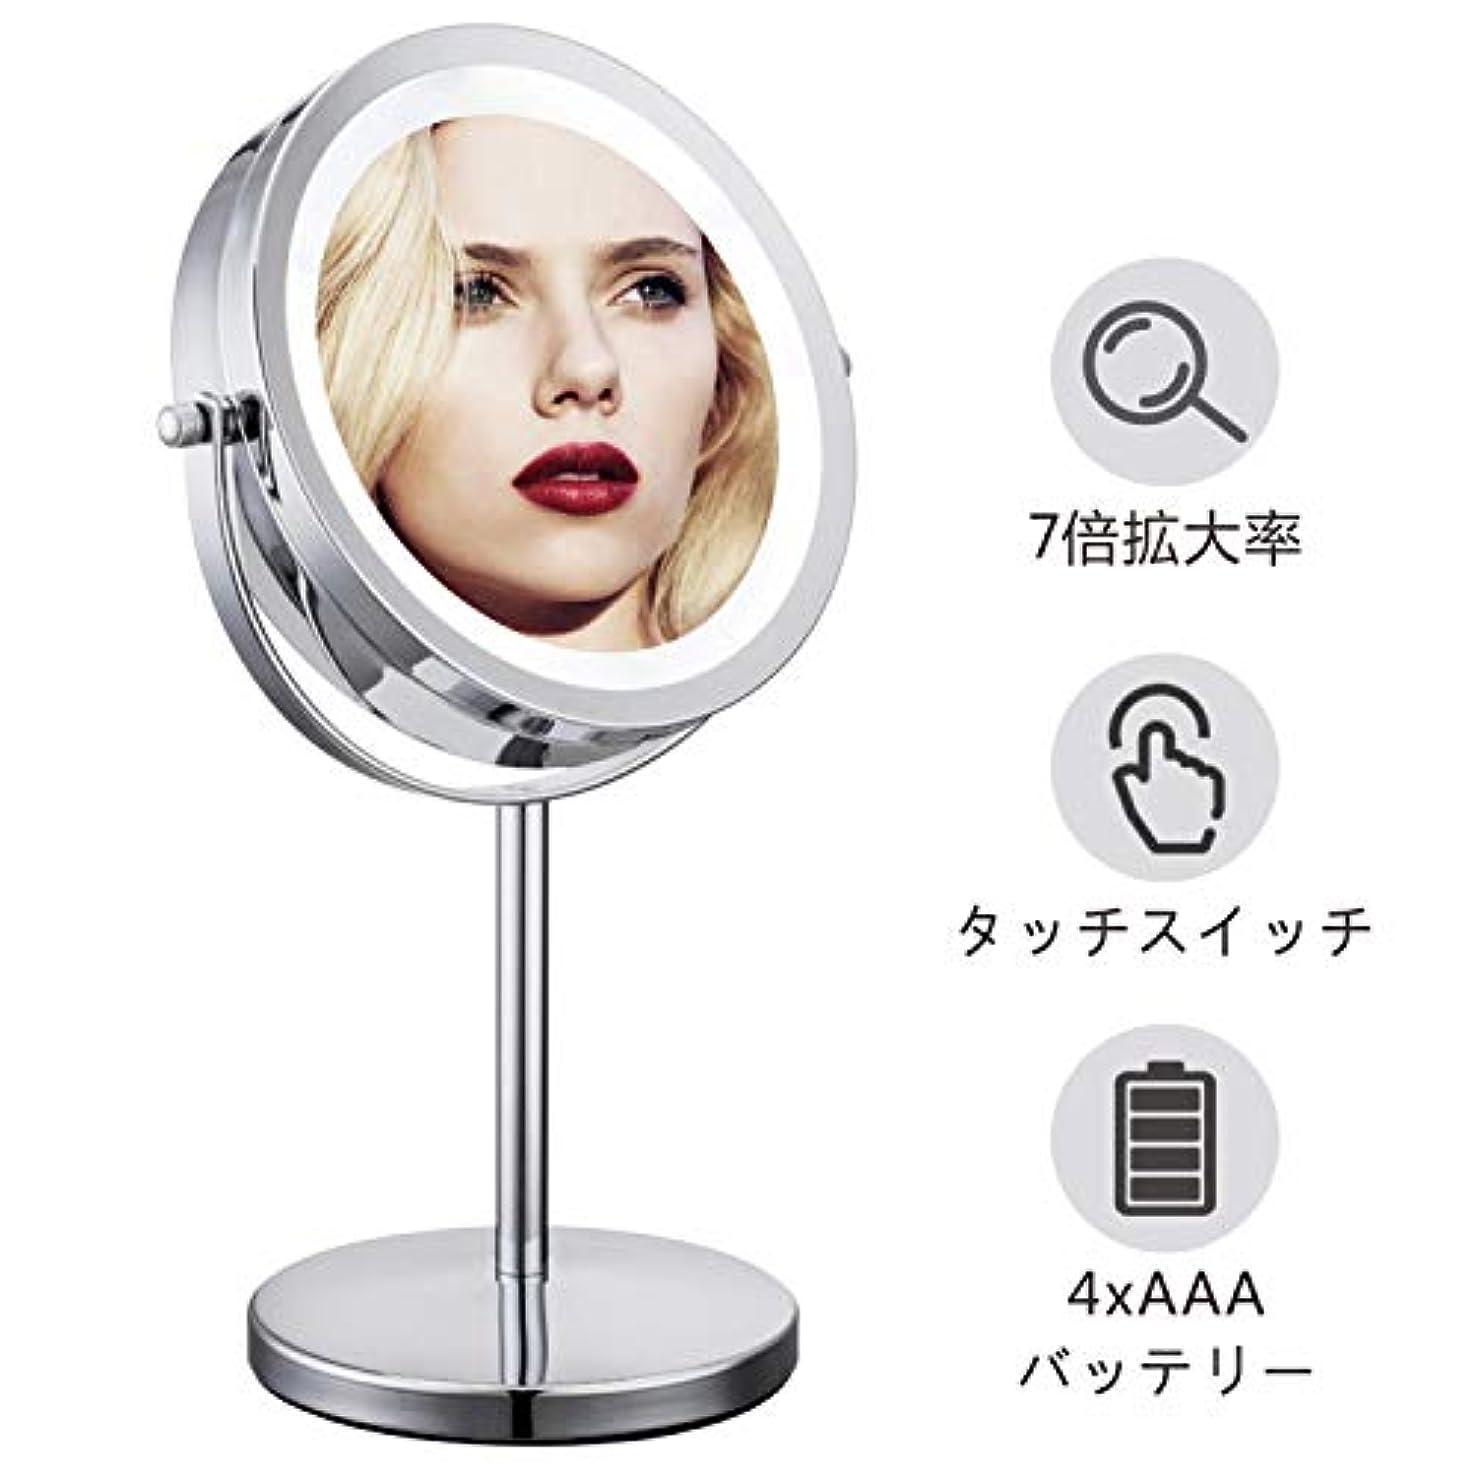 笑い可愛い常にMinracler 化粧鏡 7倍拡大 卓上 化粧ミラー led両面鏡 明るさ調節可能 360度回転 (鏡面155mmΦ) 電池給電